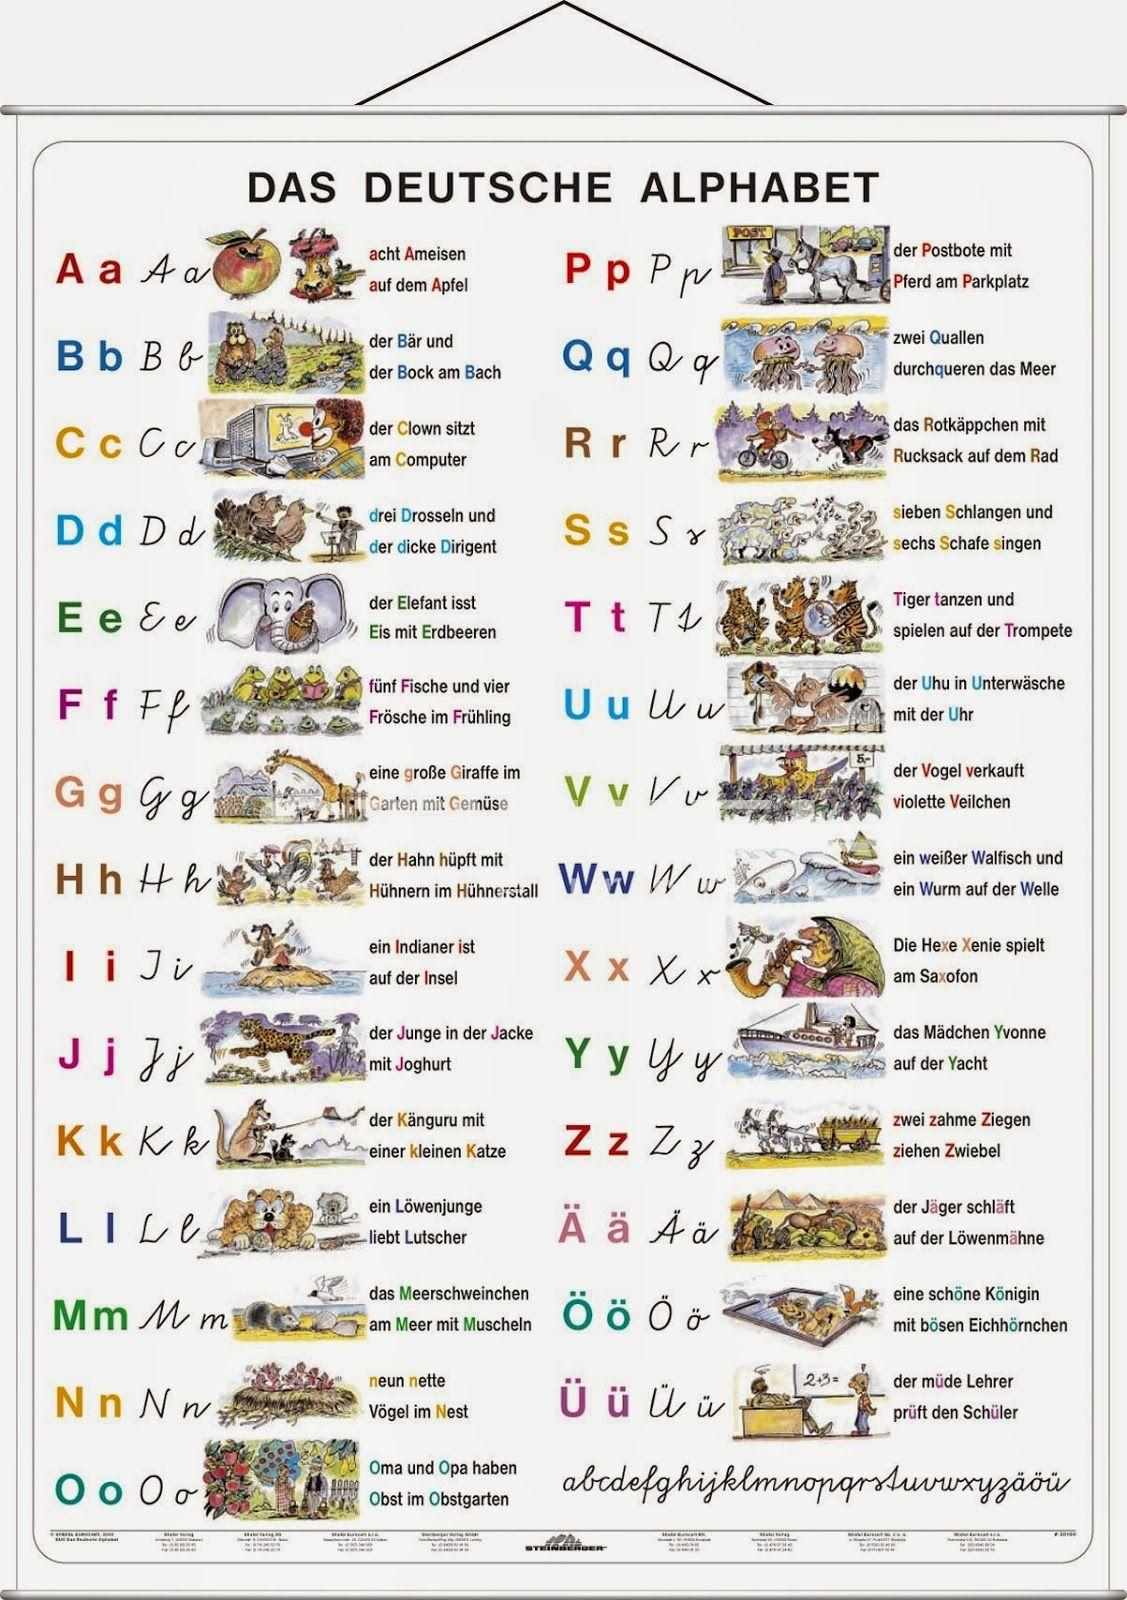 Wir Sprechen Auch Deutsch: Das Deutsche Alphabet In Bildern für Alphabet Deutsch Lernen